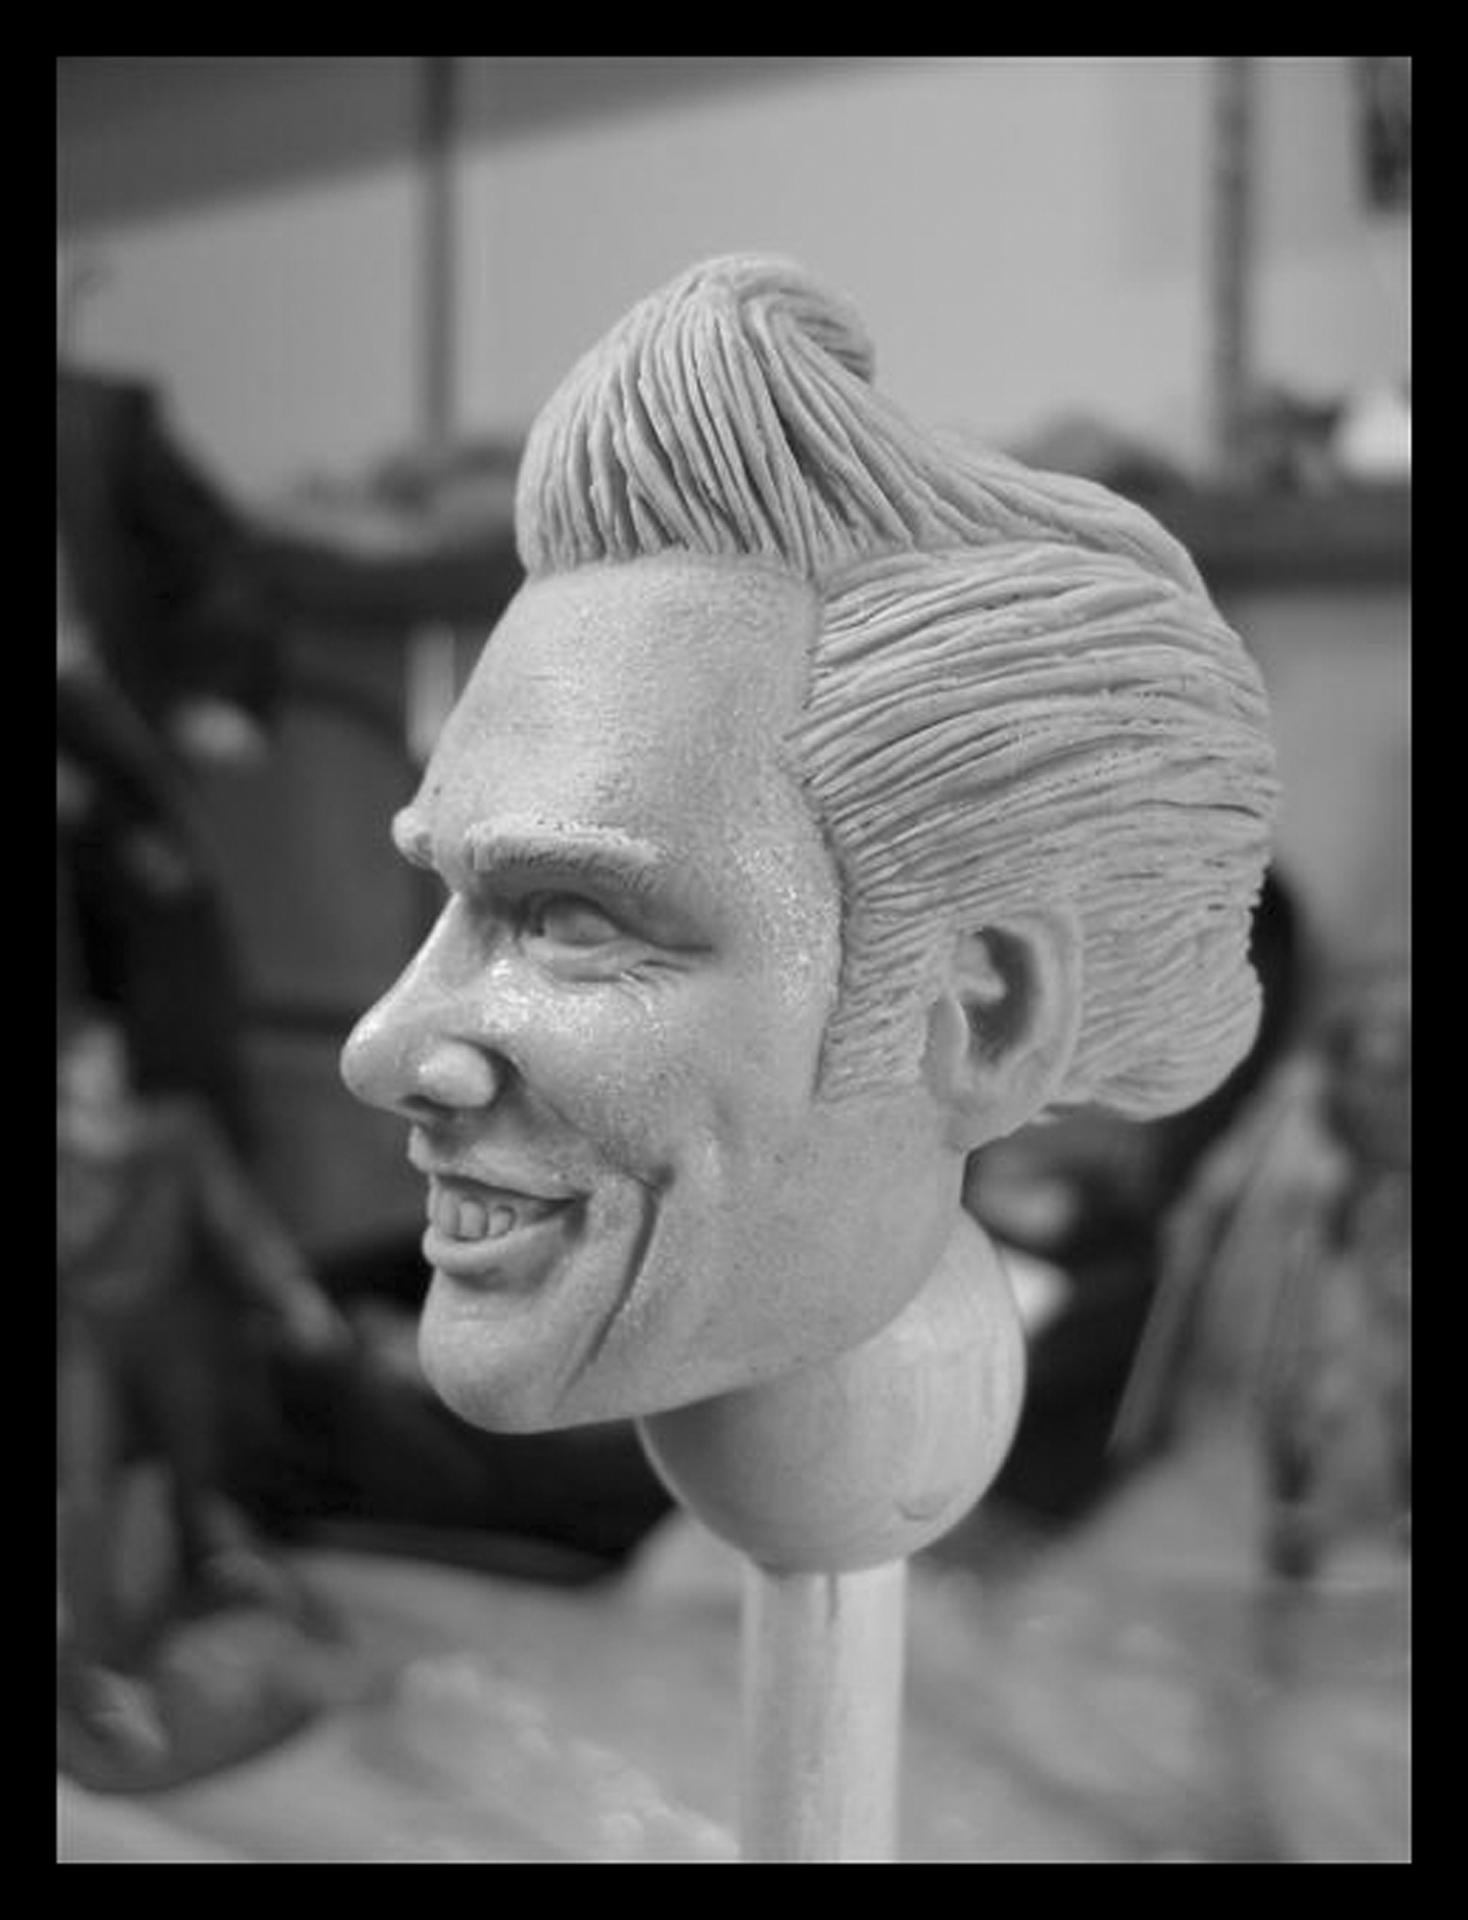 Ace Ventura Likeness